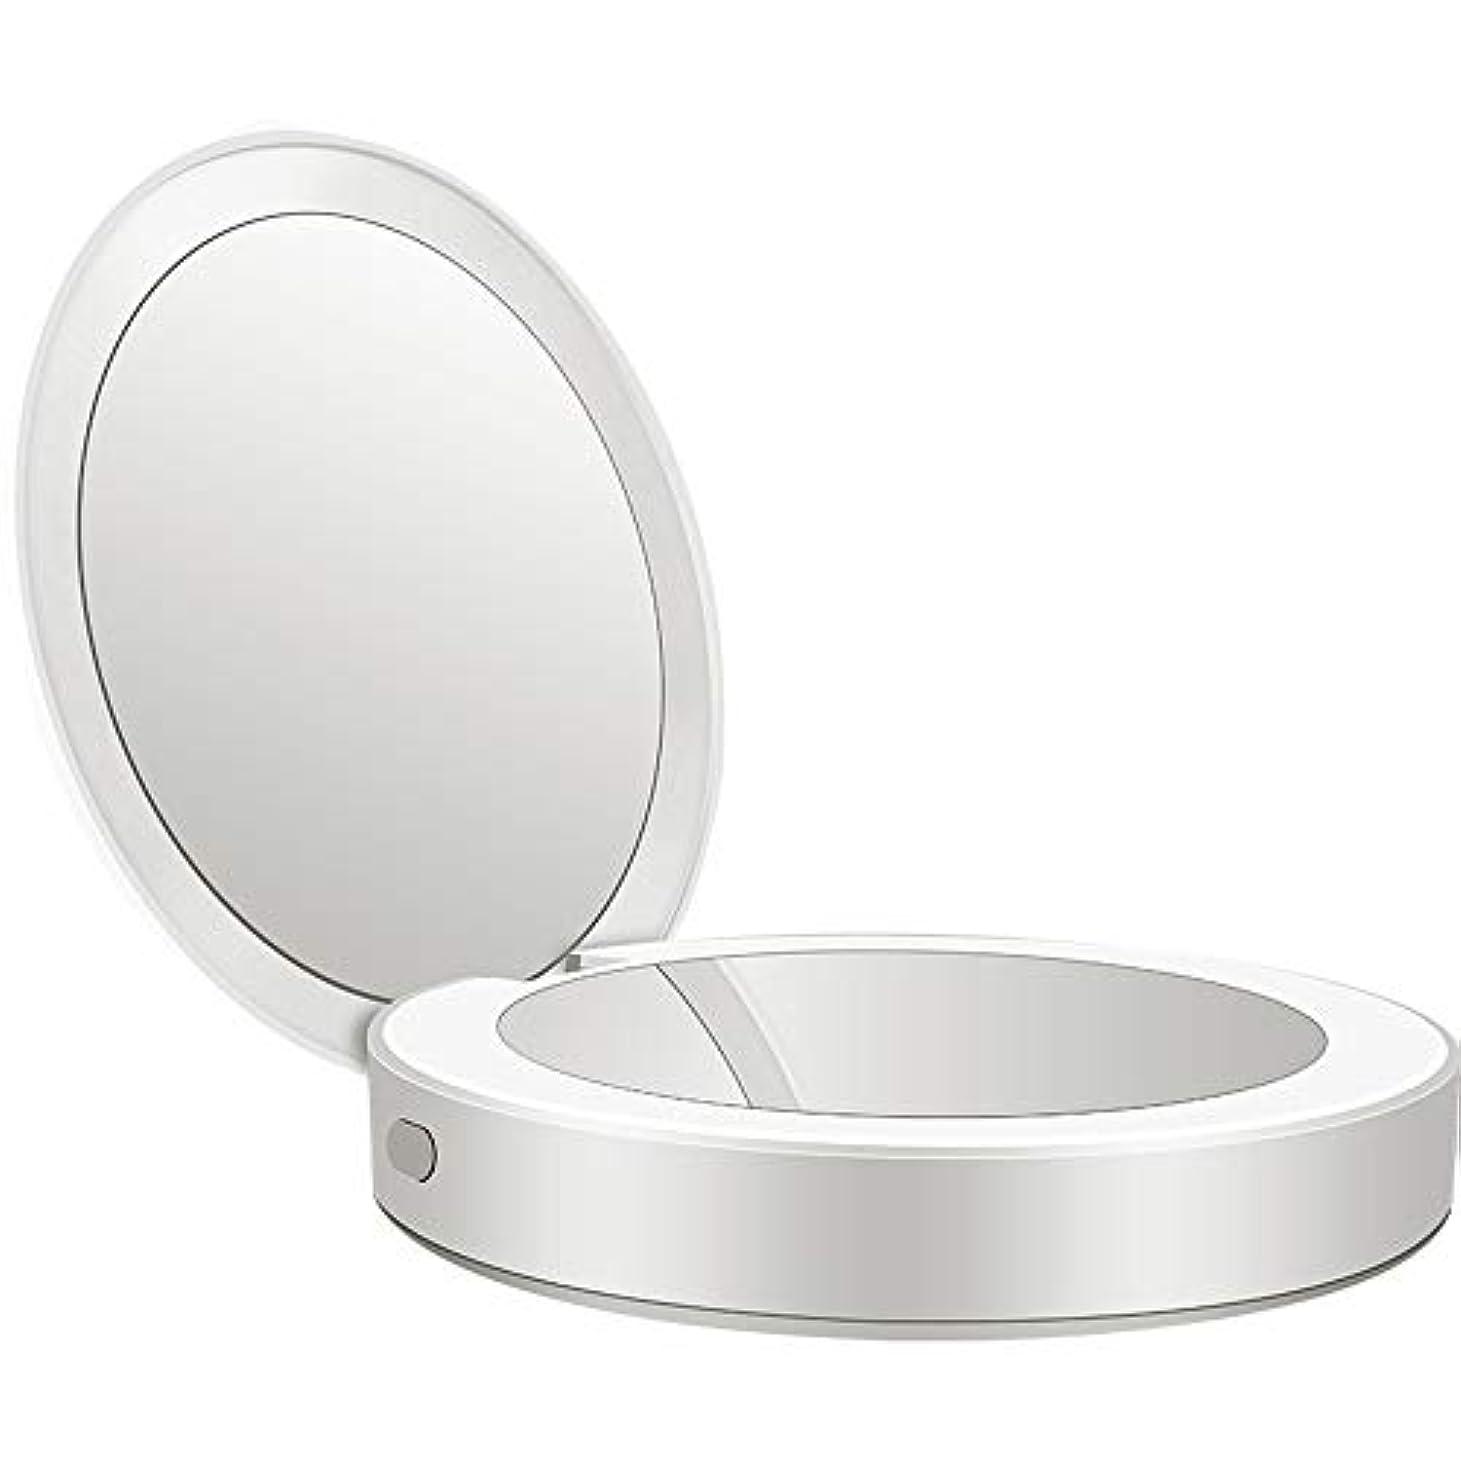 ウォルターカニンガム抽選貼り直す流行の 新しい多機能ポータブル折りたたみLEDライト化粧鏡フィルライト充電宝物鏡ABS素材ギフトギフトライト充電虫眼鏡 (色 : Silver)